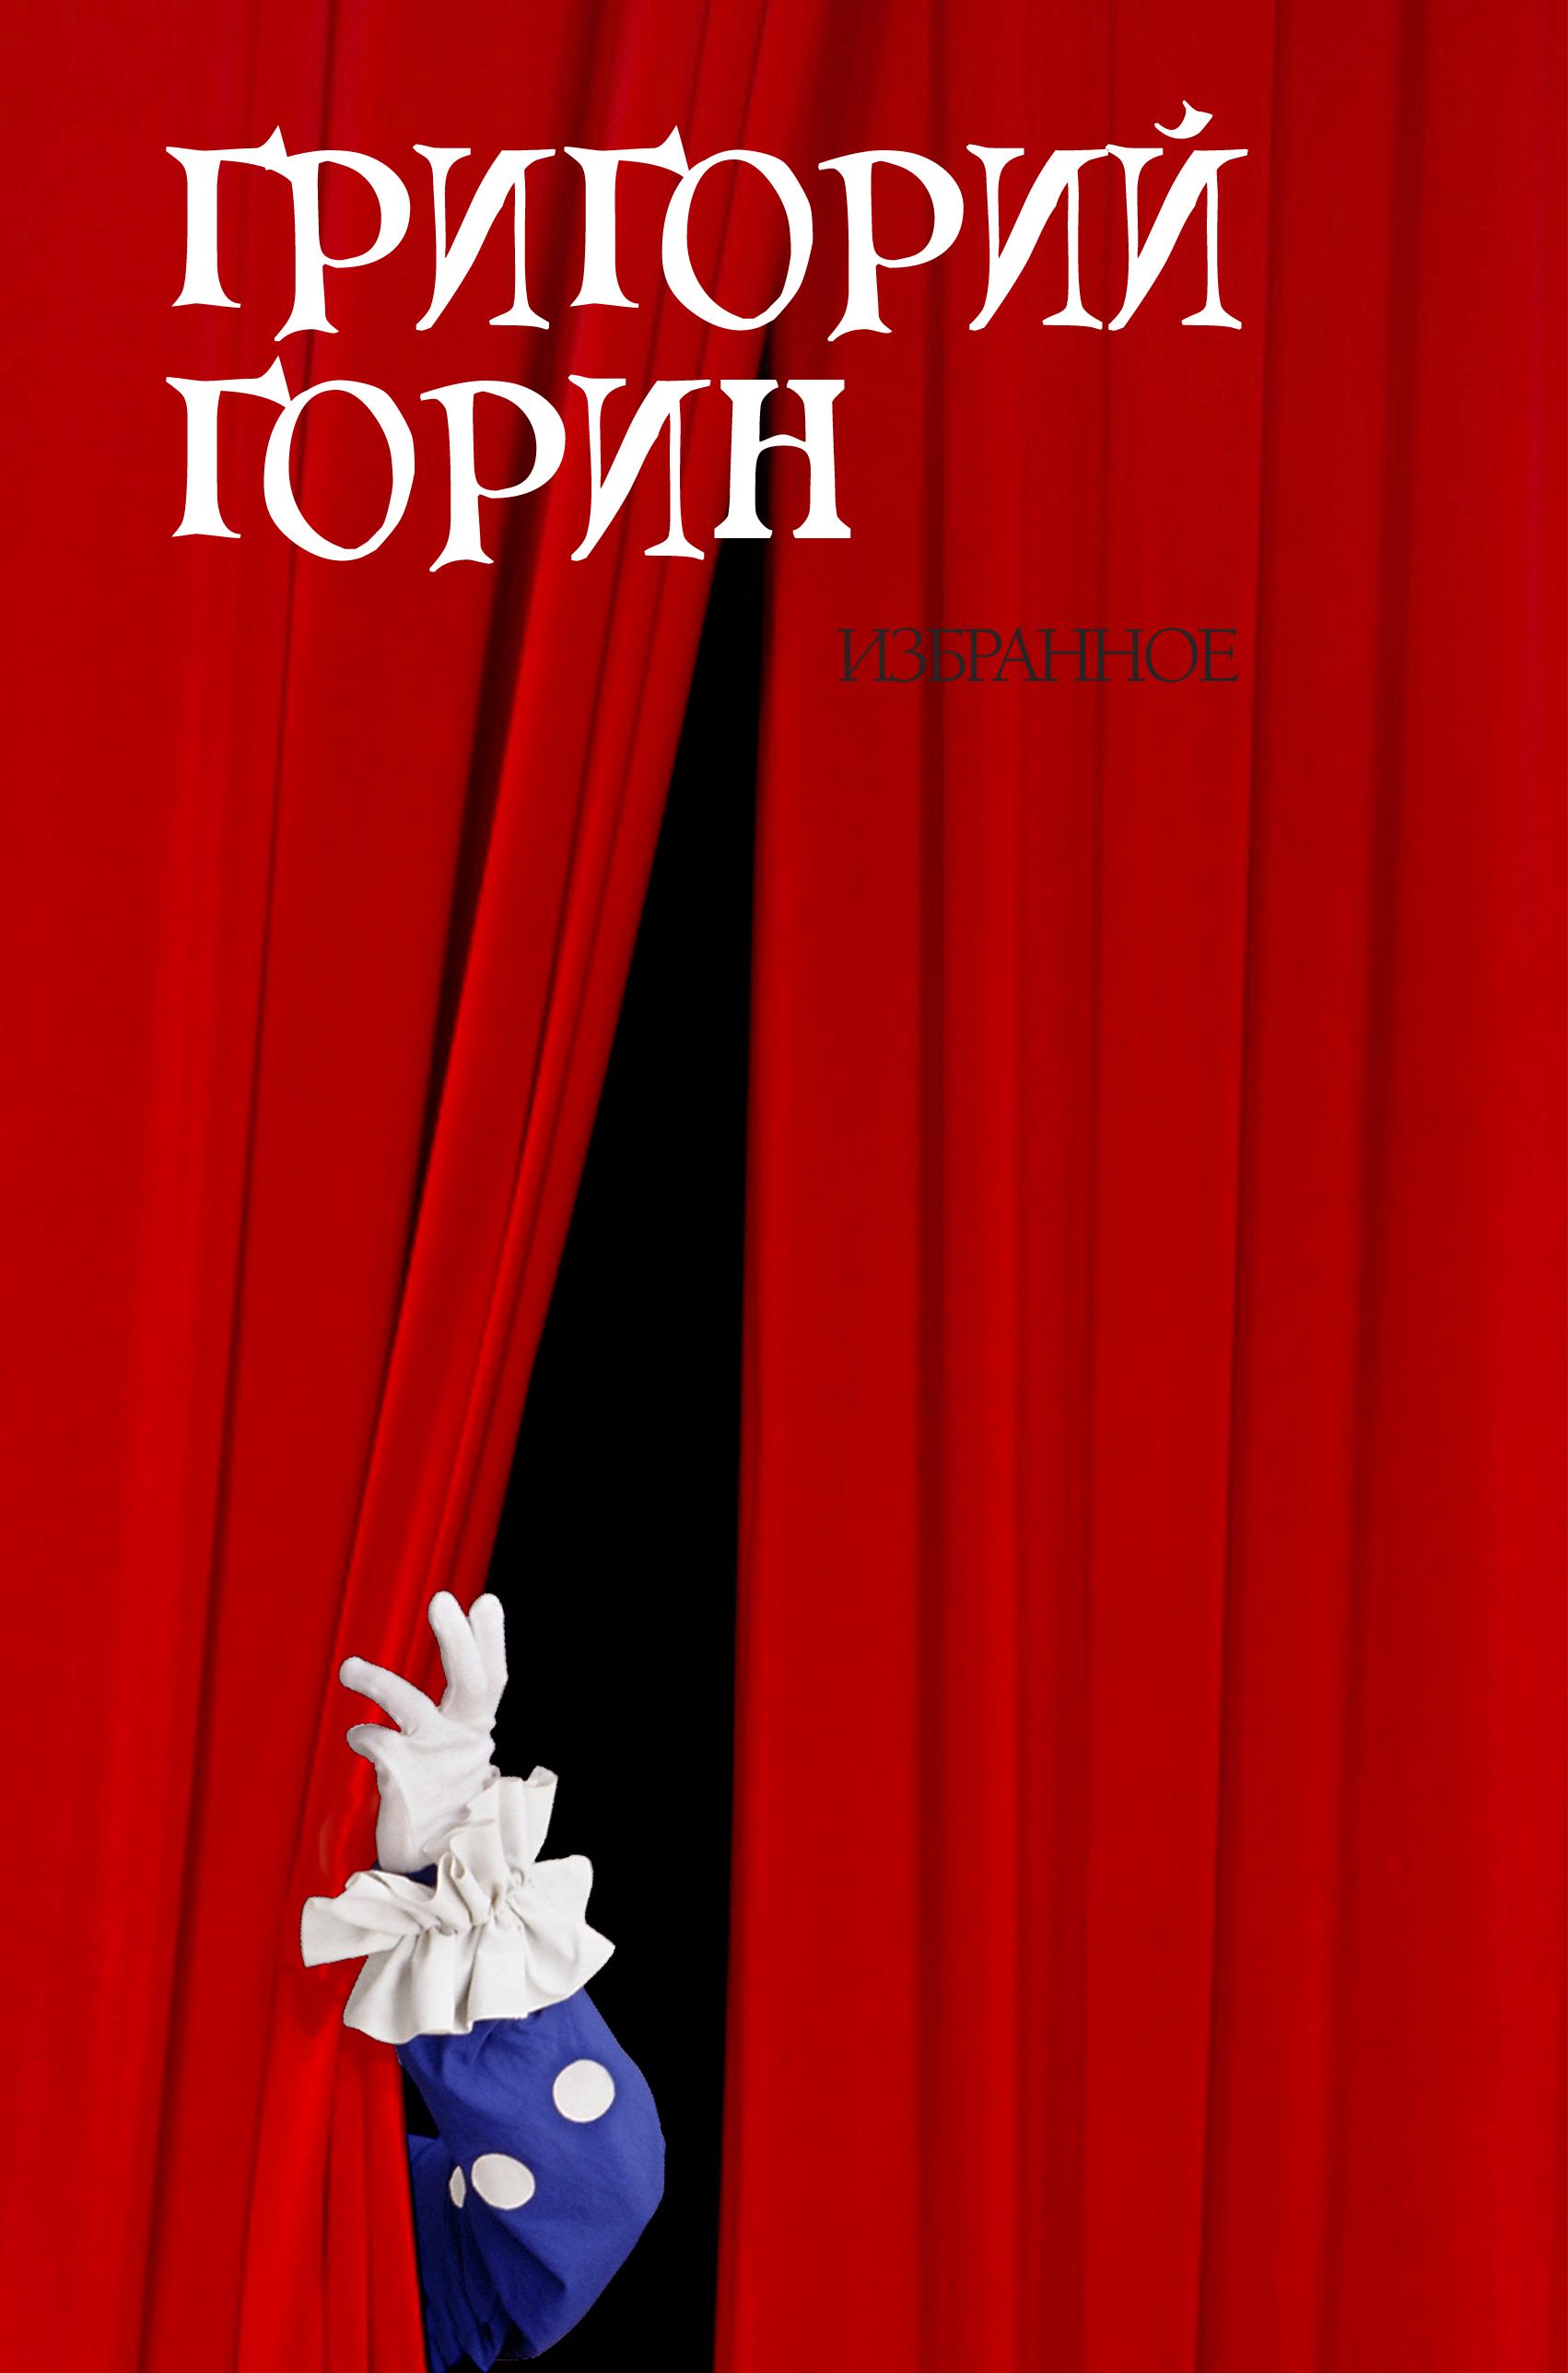 Григорий Горин Избранное горин г и трехрублевая опера